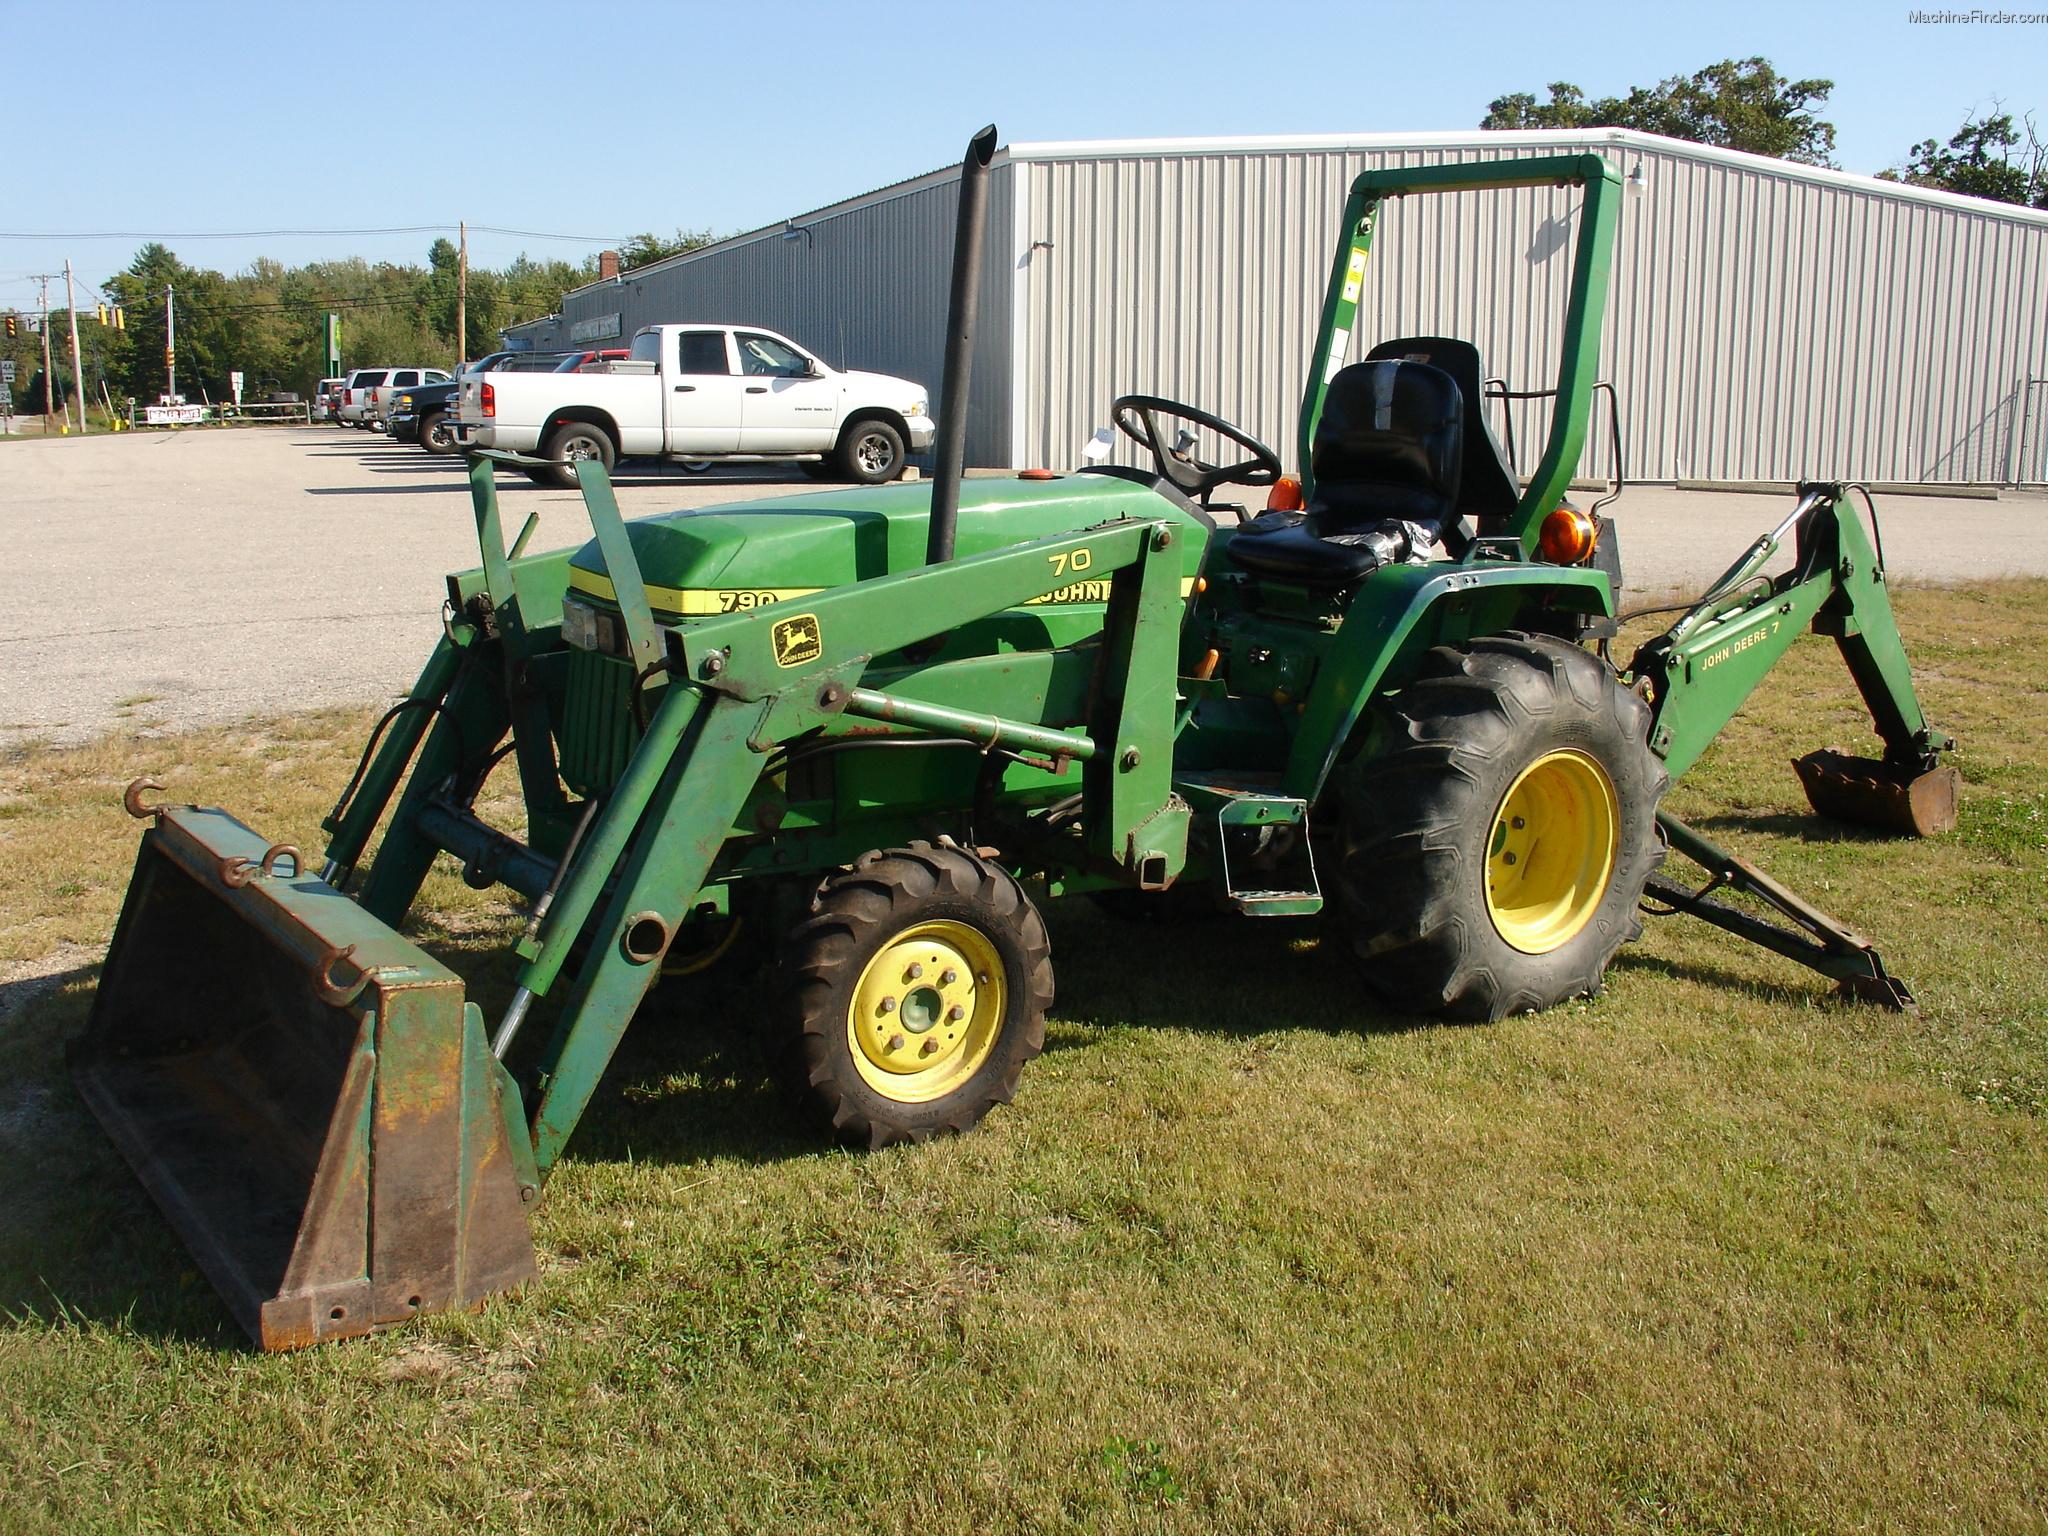 2001 John Deere 790 Tractors - Compact (1-40hp.) - John Deere ...